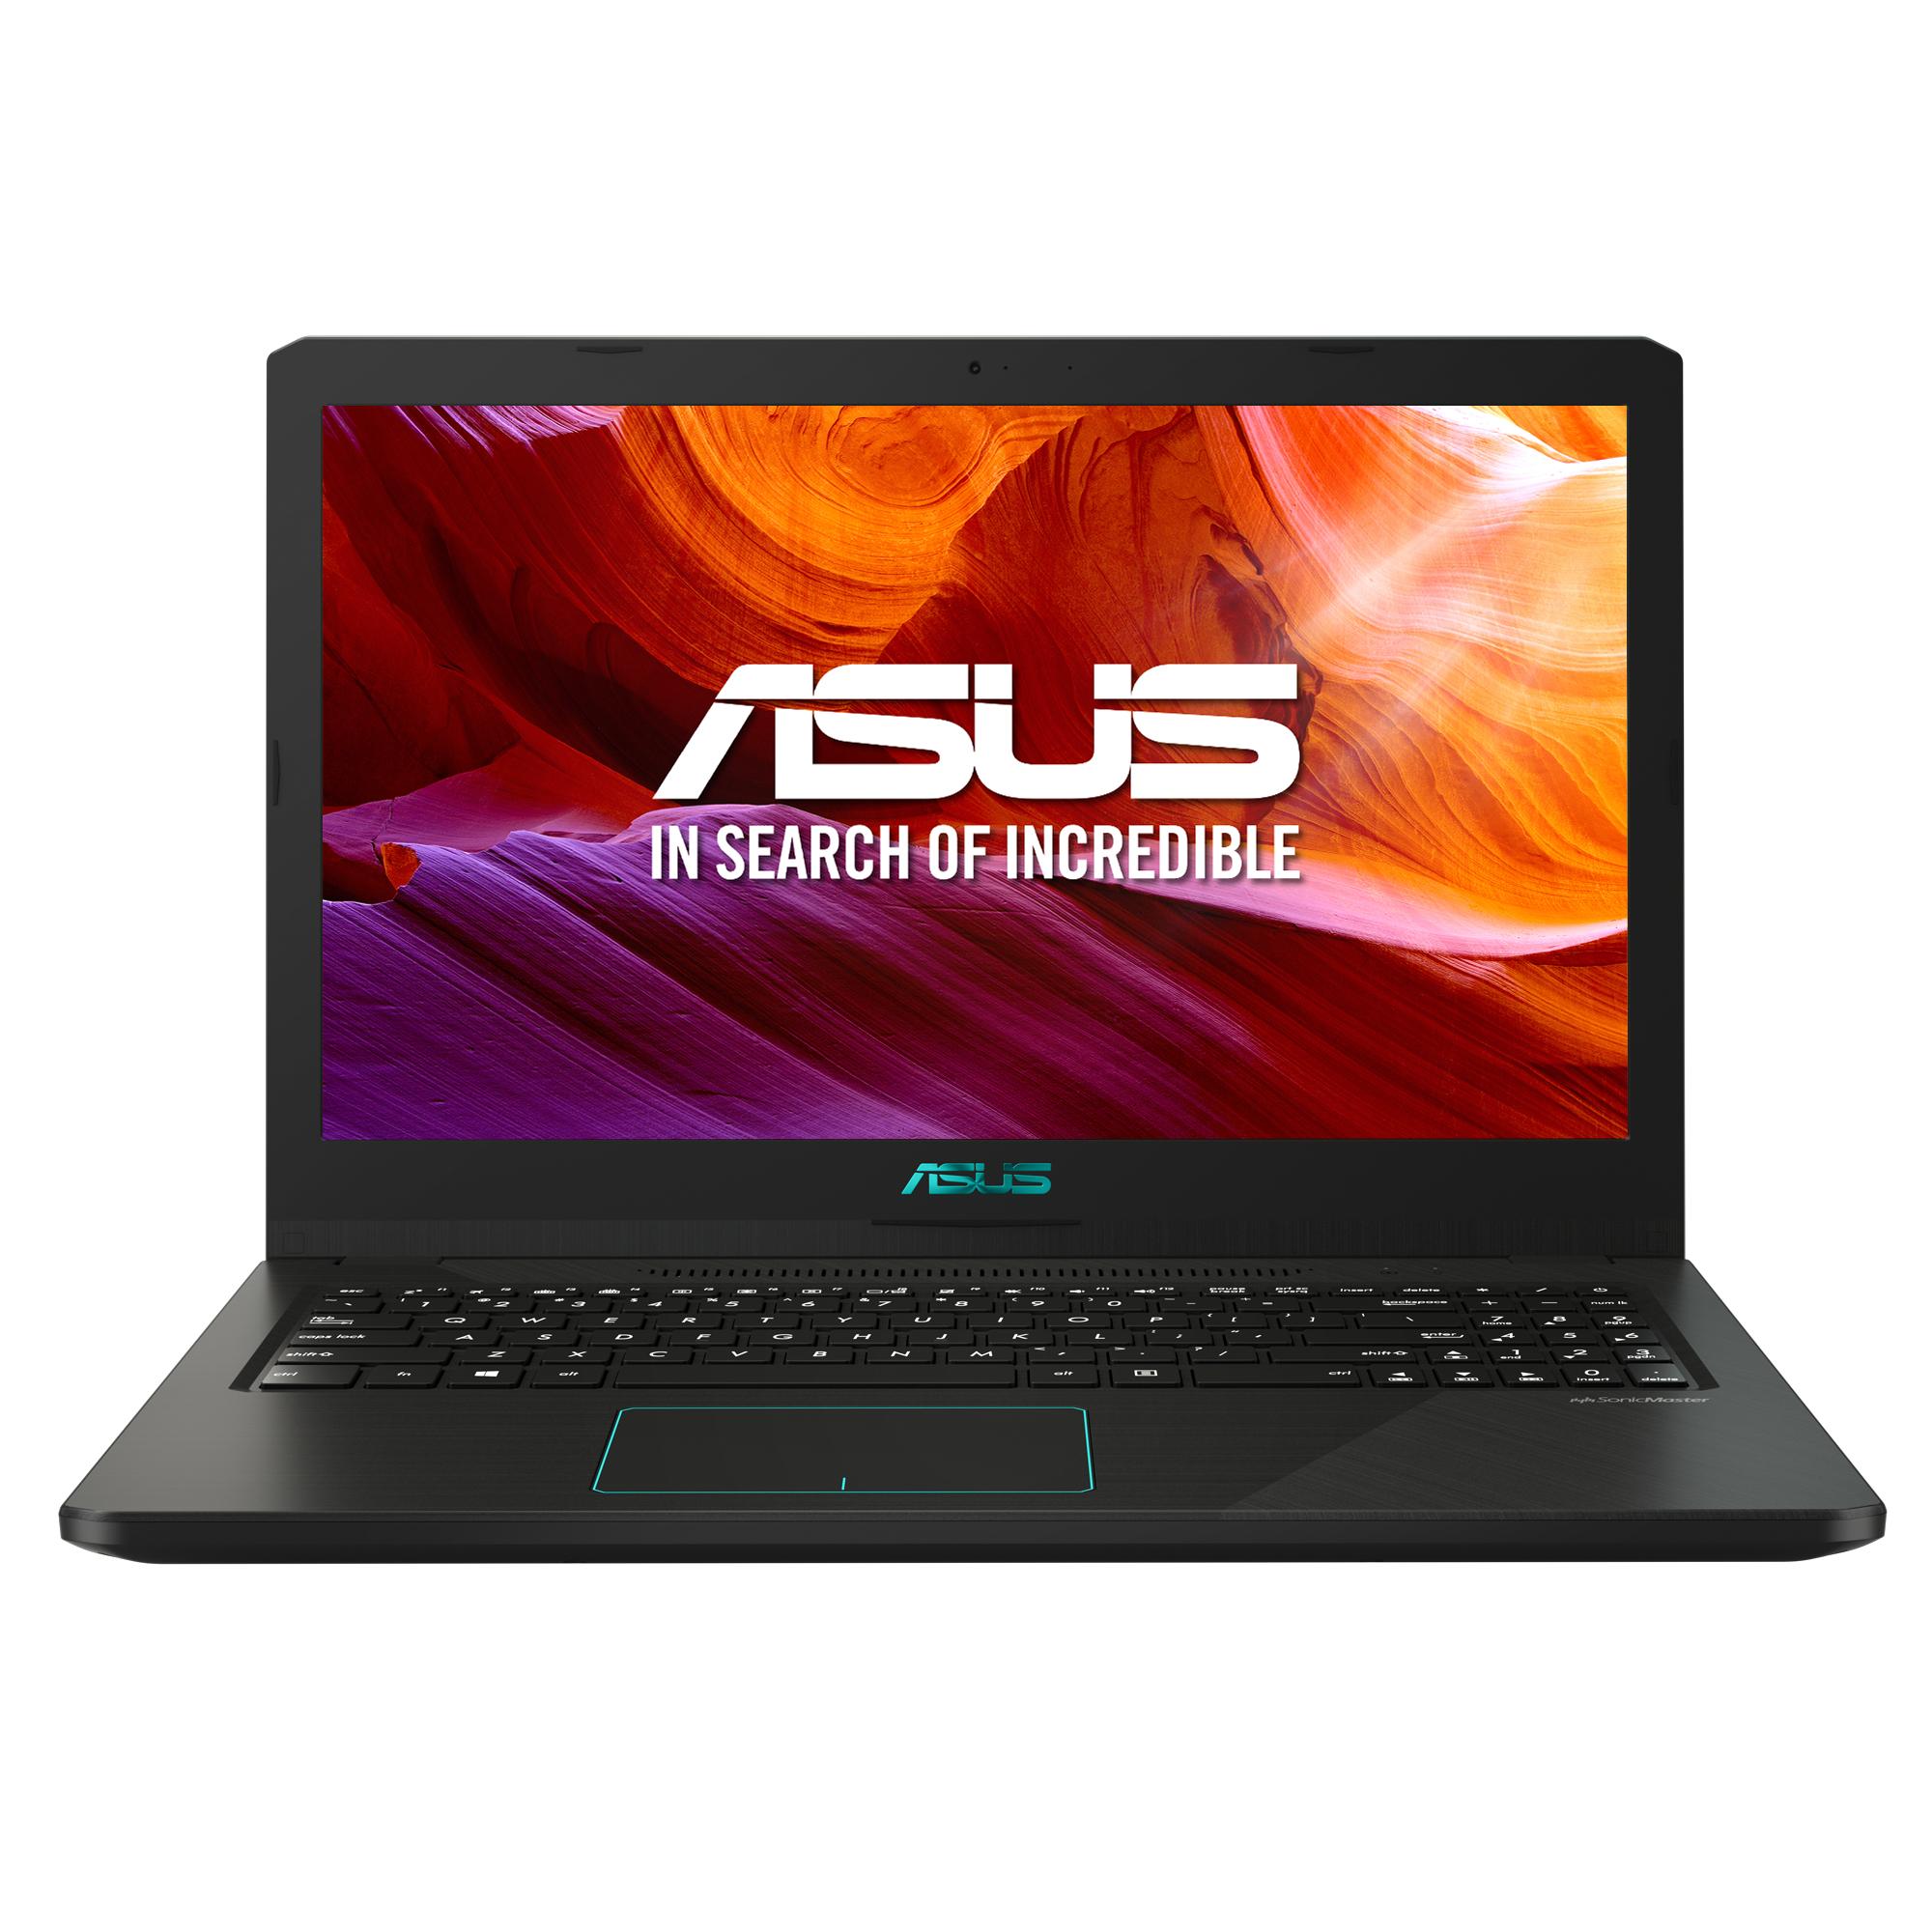 """Portátil ASUS R570ZD-DM107 restaurado / AMD Ryzen 5 / GeForce GTX1050 / 8GB RAM / 1TB HDD / 15,6"""" - 39,62cm / Negro / Teclado QWERTY español"""